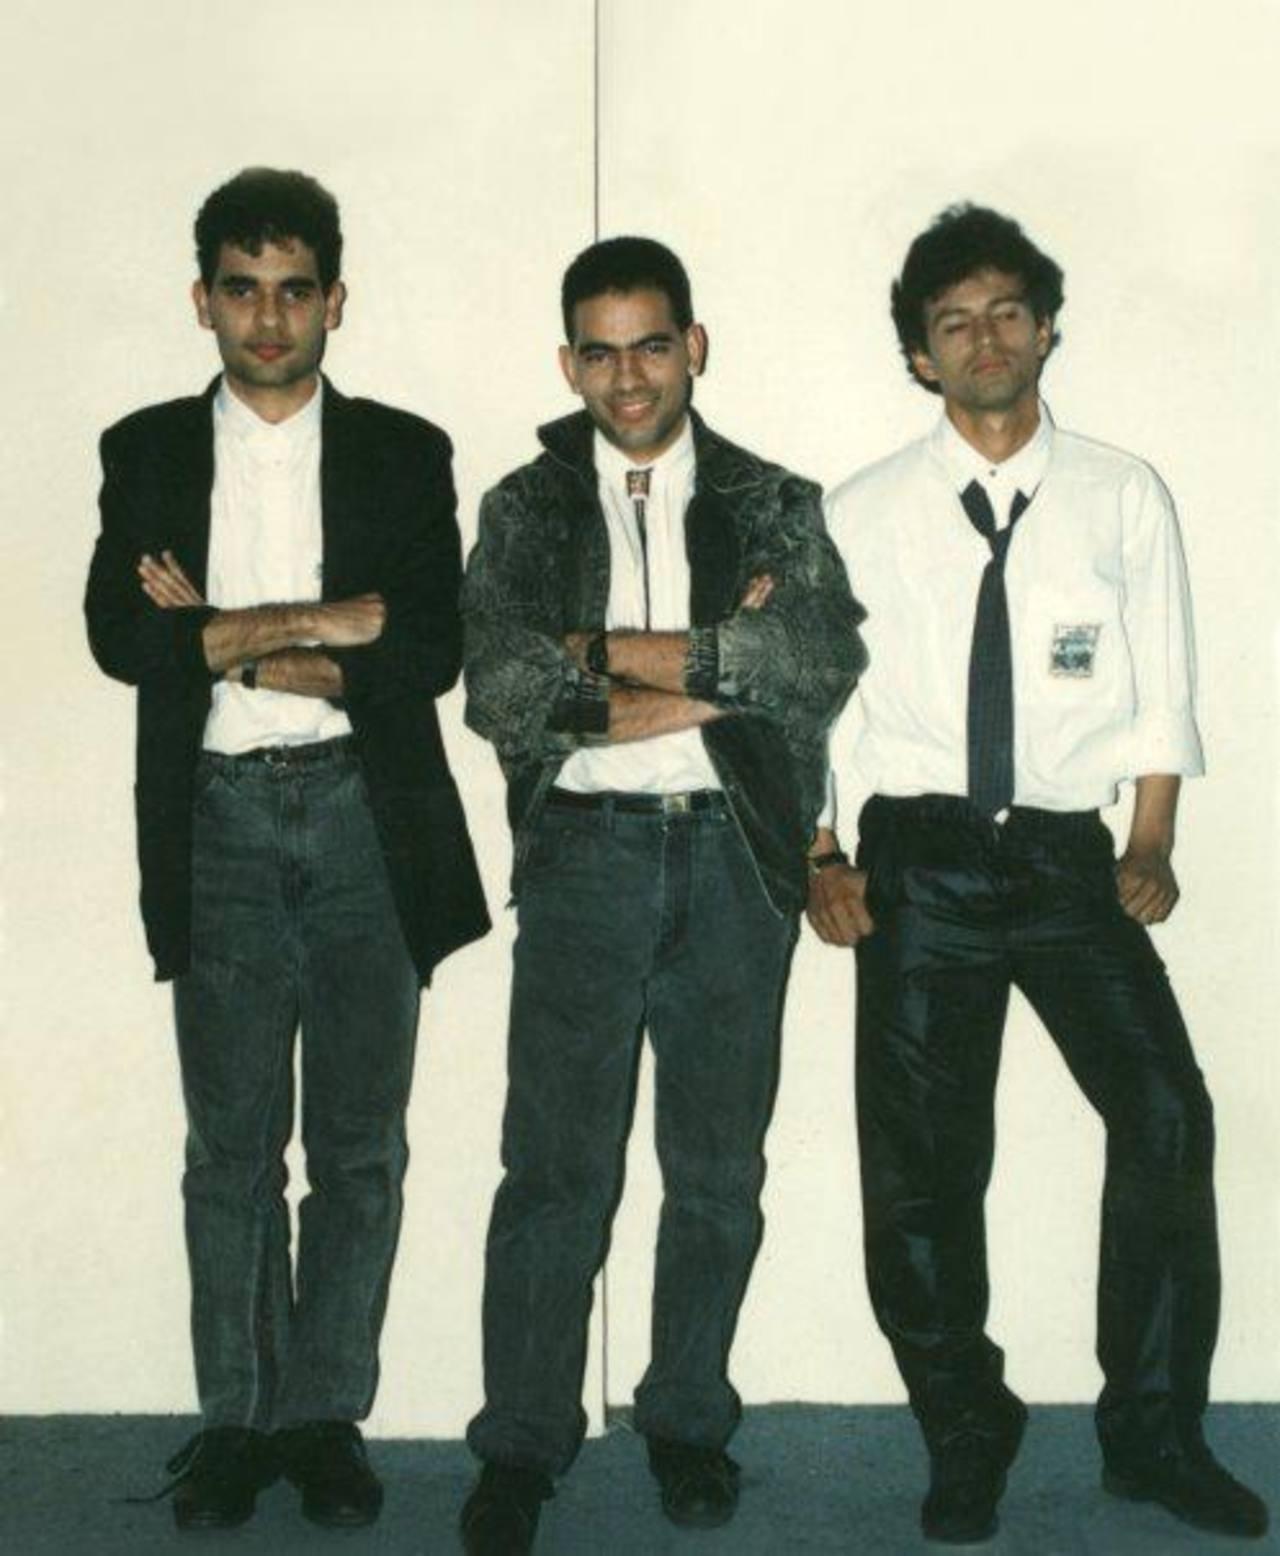 Rafael (al centro) cuenta que la principal inspiración de la banda eran los Beatles. El rock progresivo fue su pasión siempre.